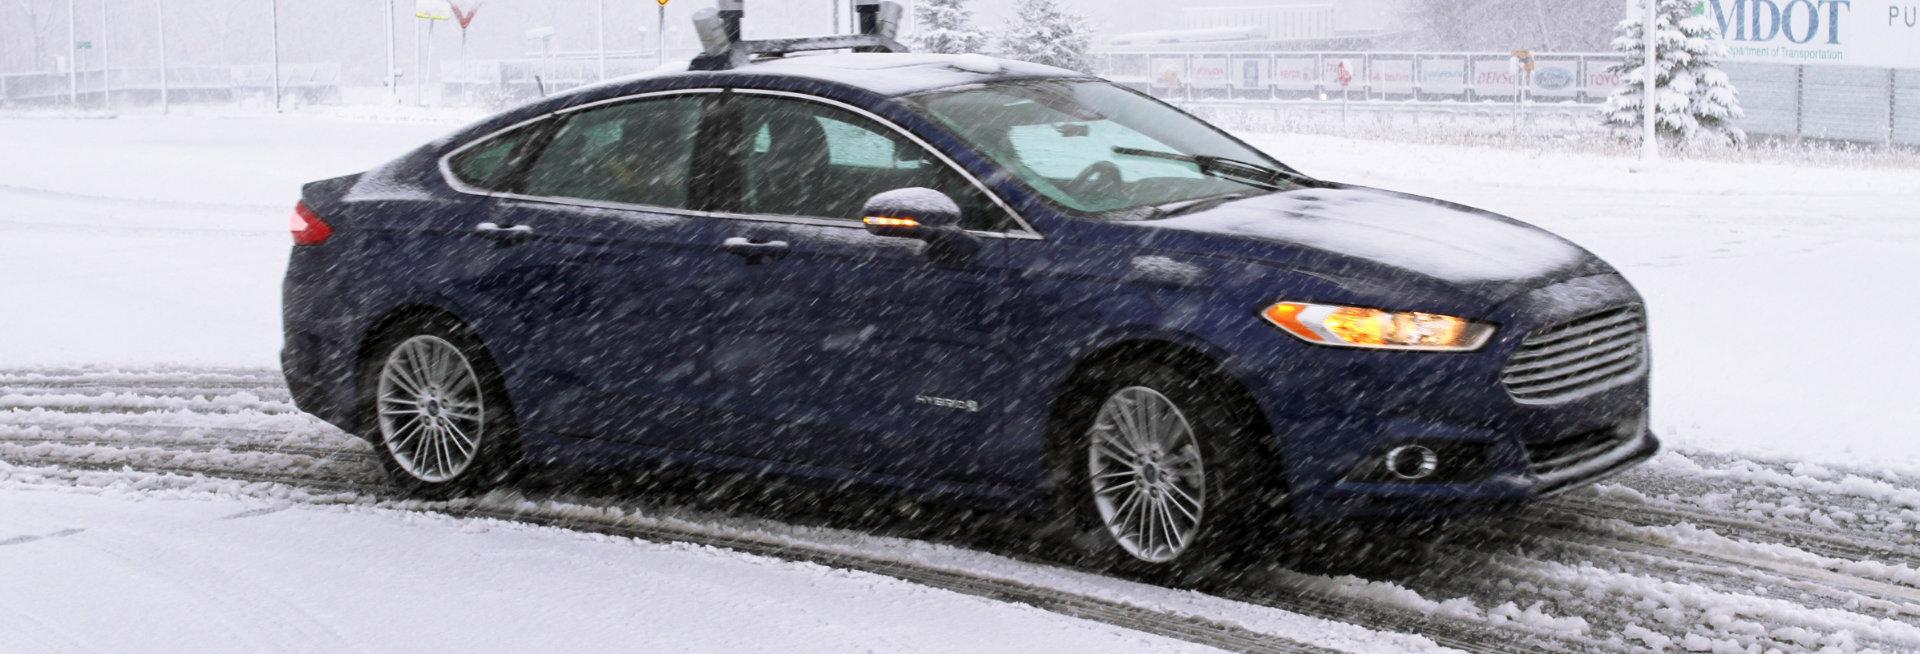 Sneeuwkettingen voor de Ford Mondeo